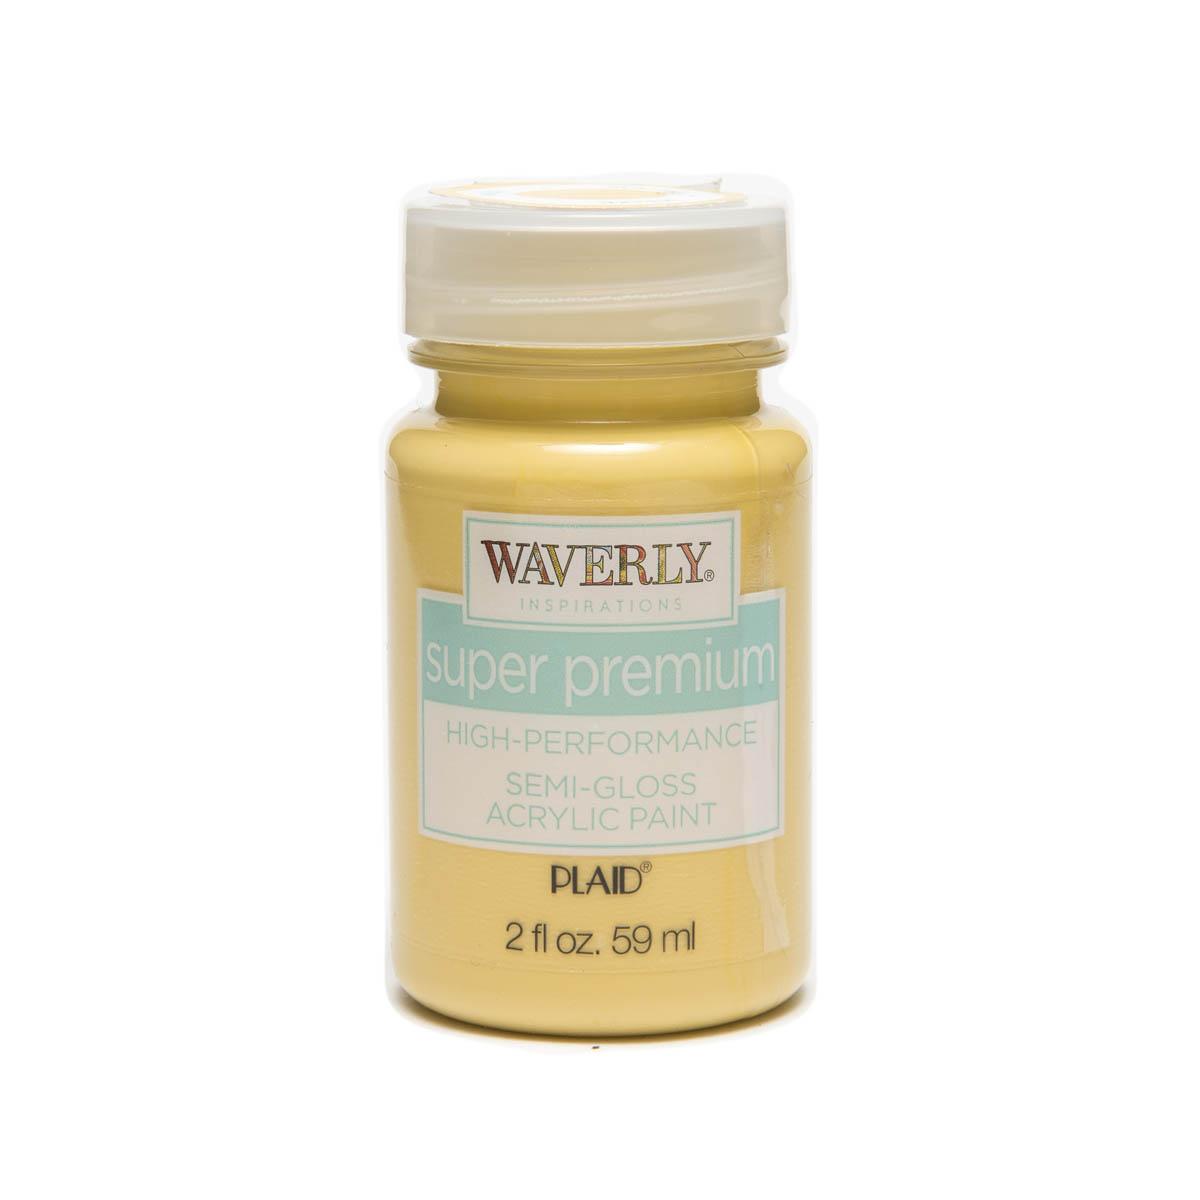 Waverly ® Inspirations Super Premium Semi-Gloss Acrylic Paint - Maize, 2 oz.